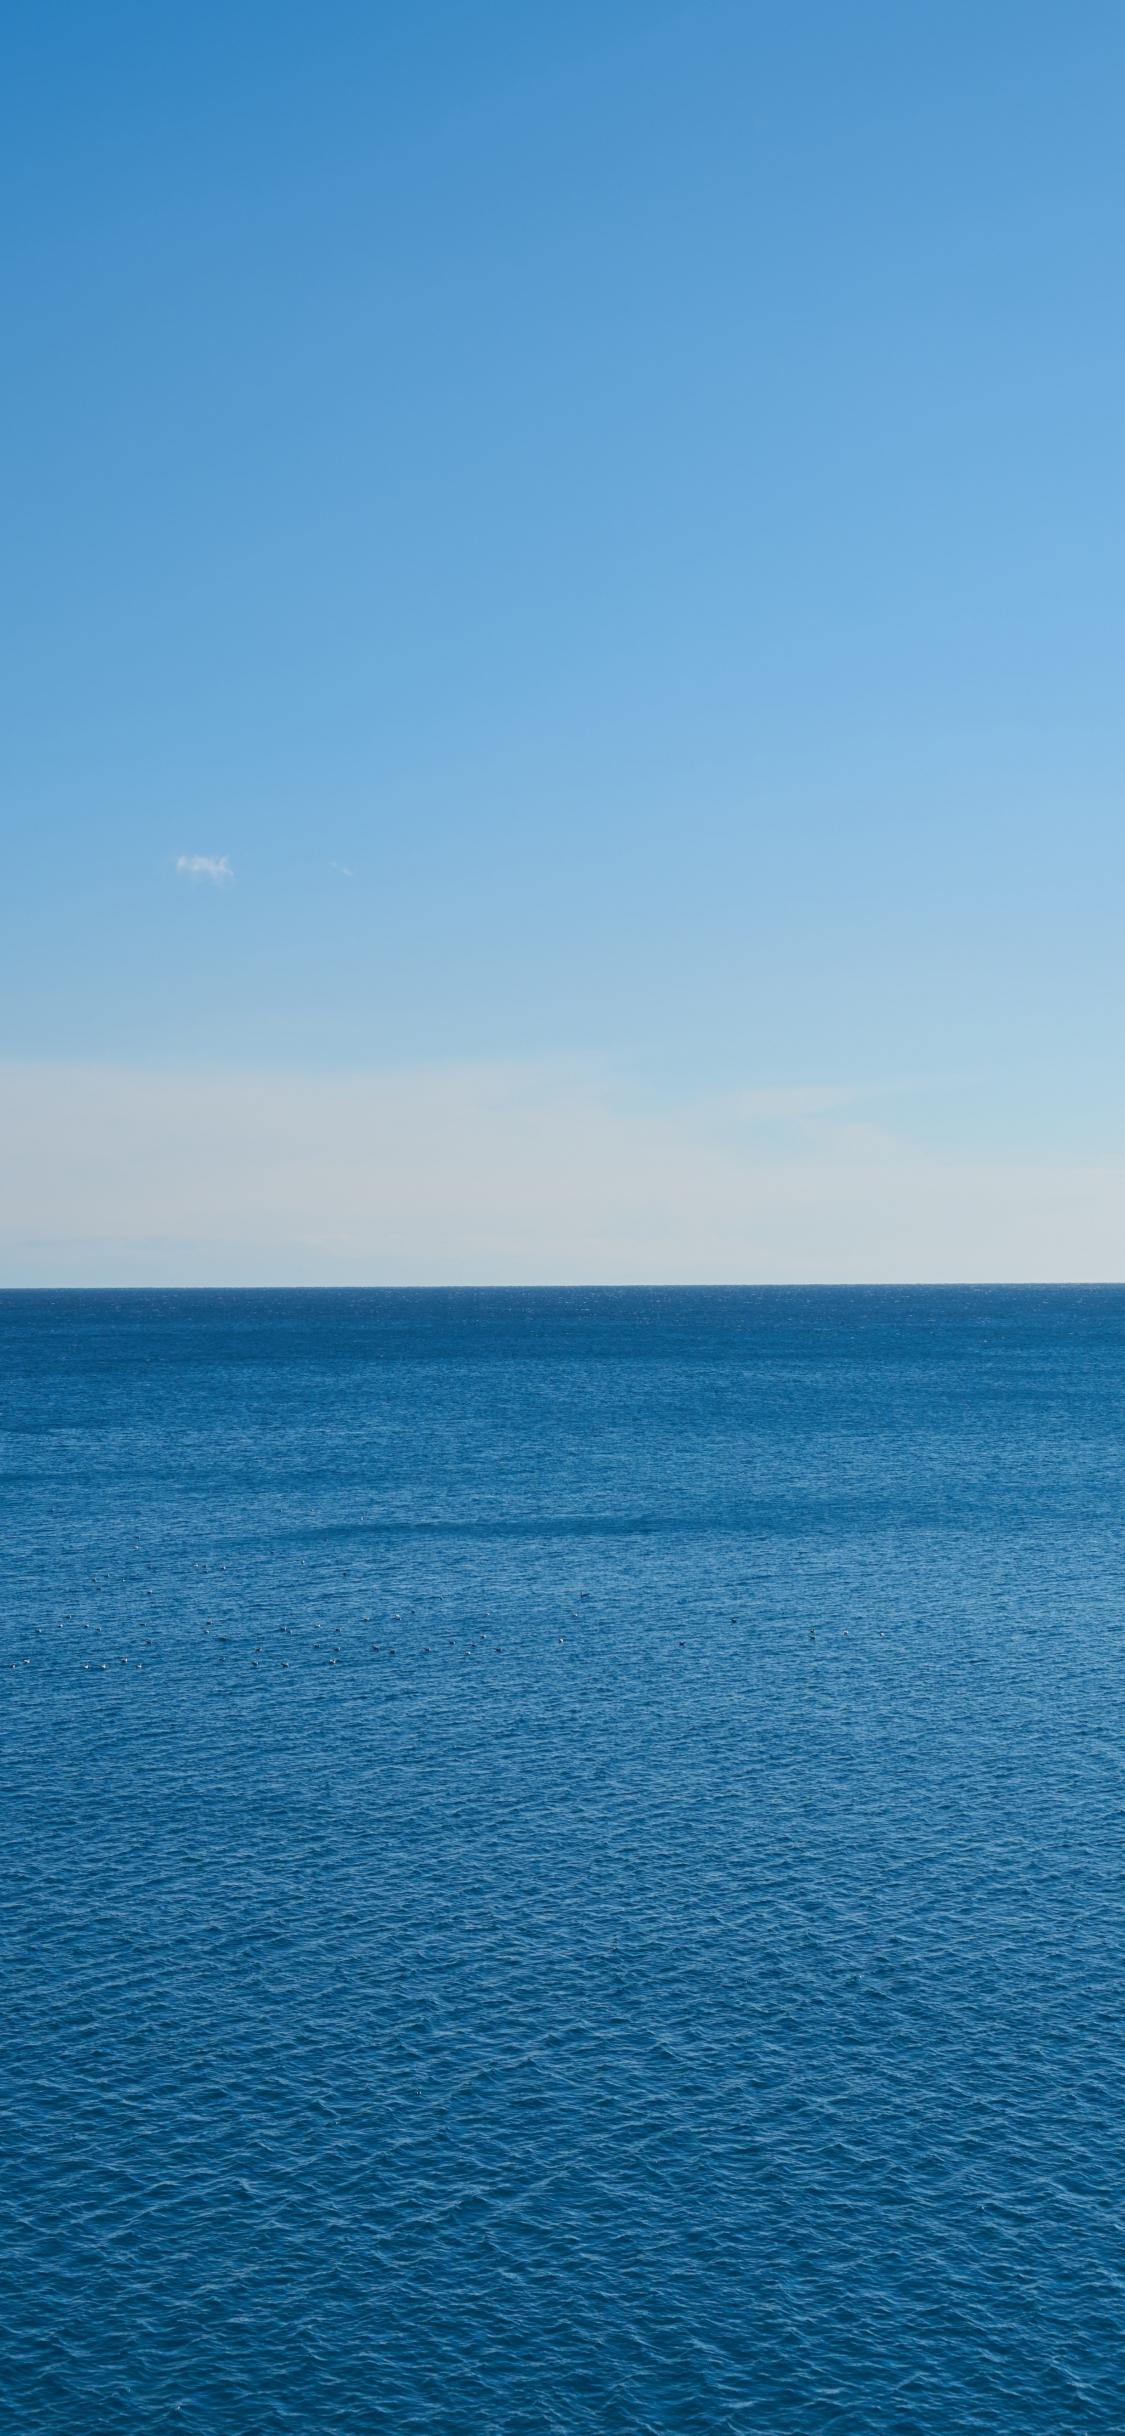 Deep, blue sea, nature, 1125x2436 wallpaper